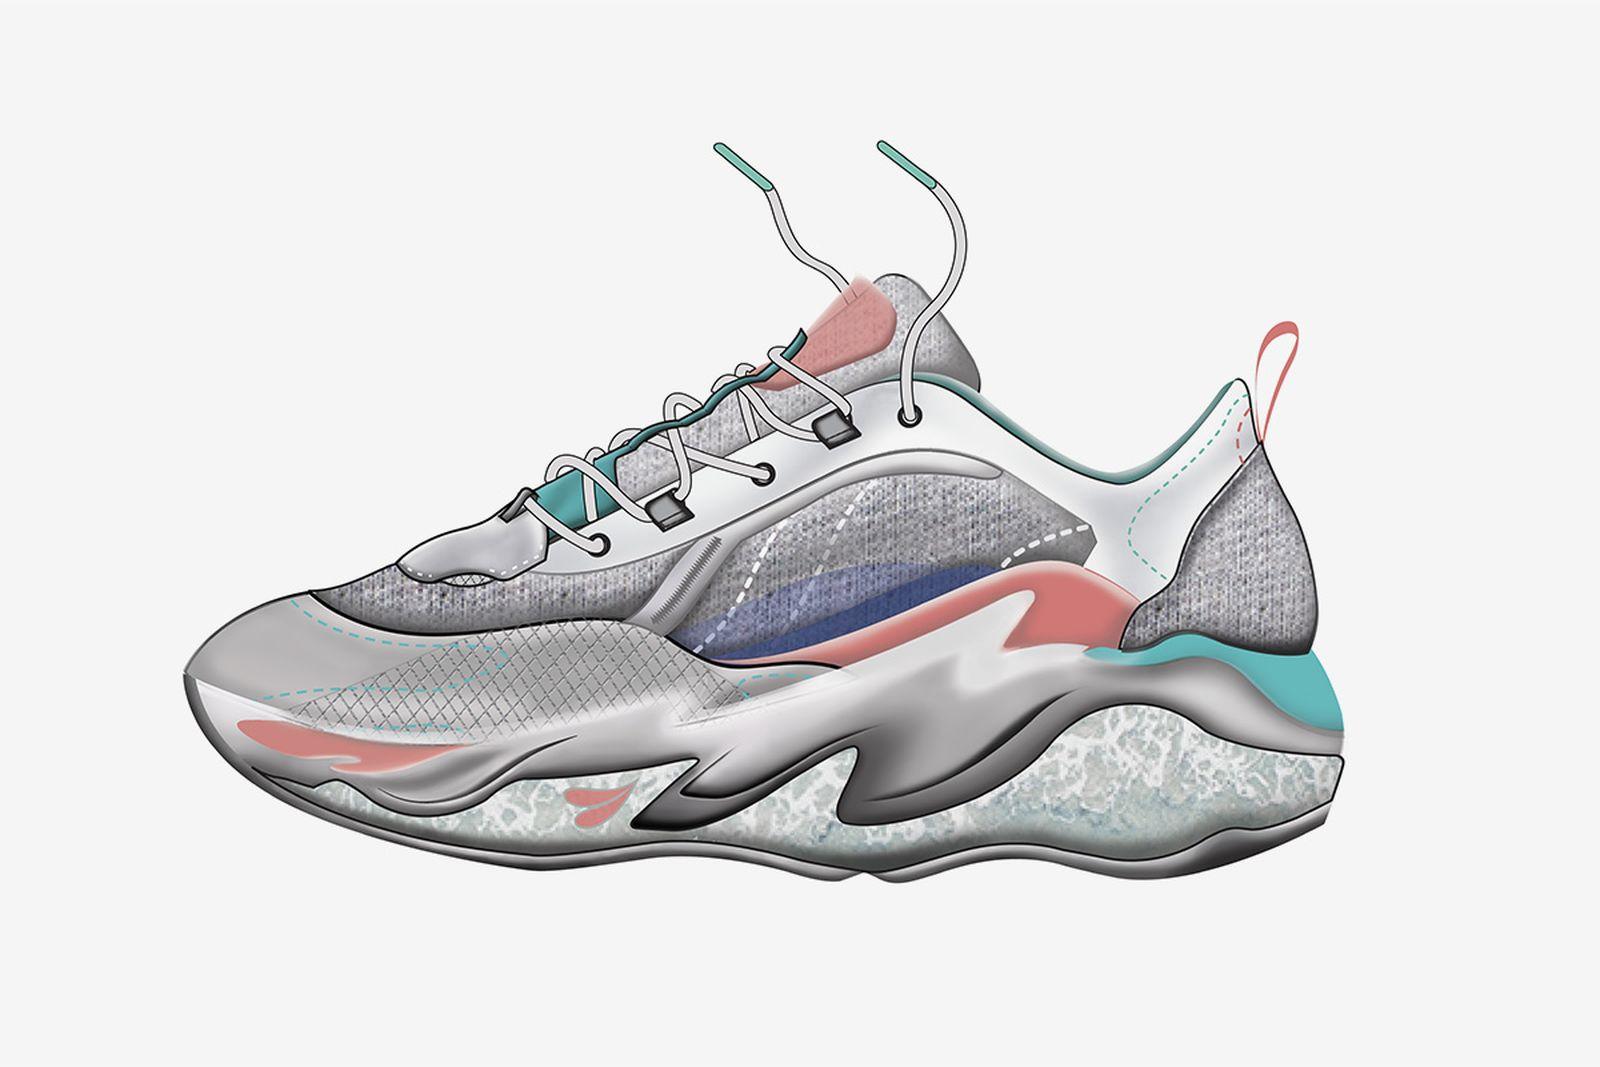 prospect-100-sneaker-design-winner-04